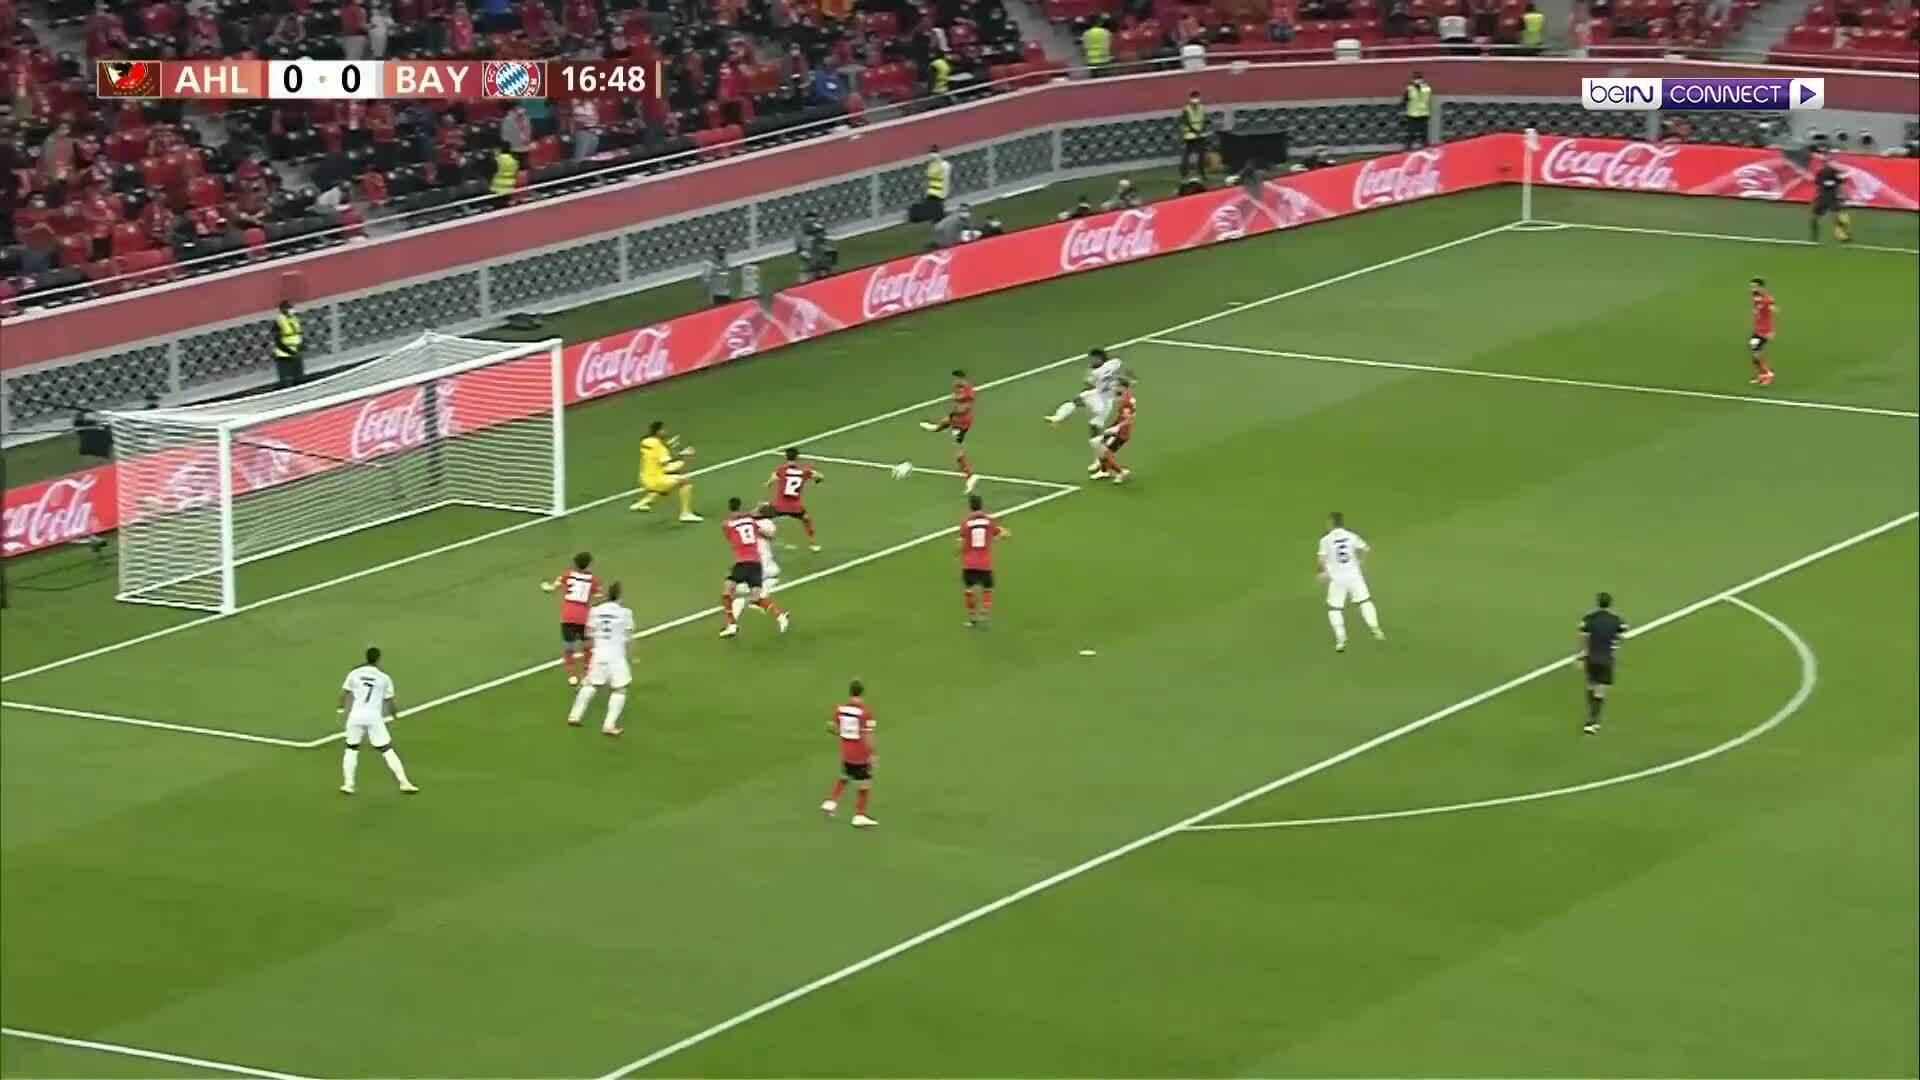 Al Ahly 0-2 Bayern